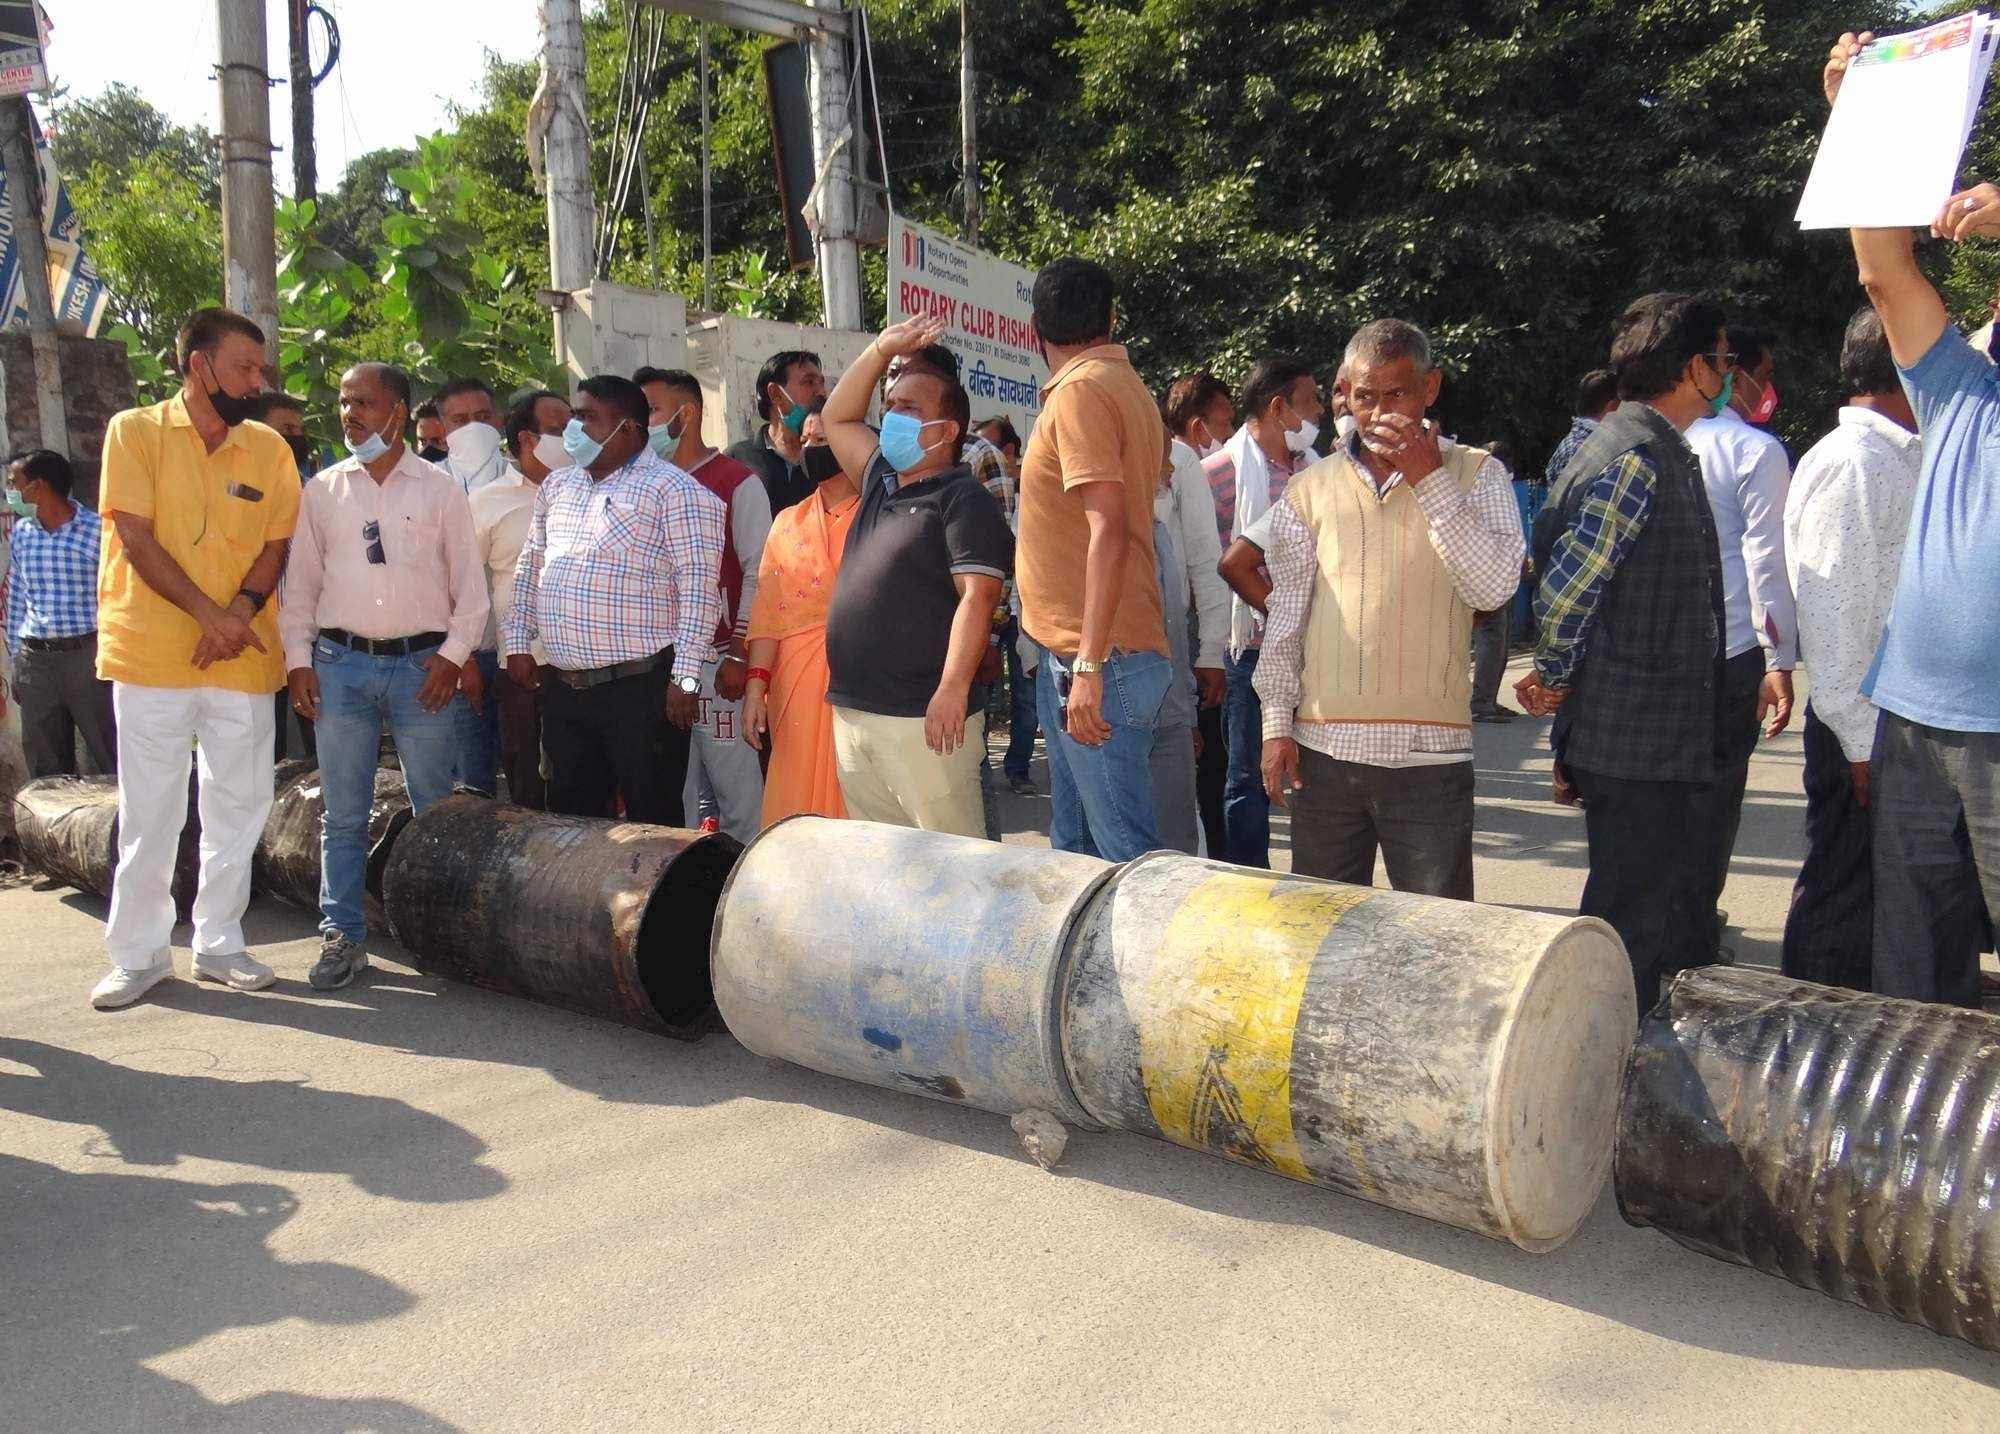 युवक कि मौत के बाद स्टेशन के बाहर सड़क पर जाम लगाते स्थानीय लोग ।